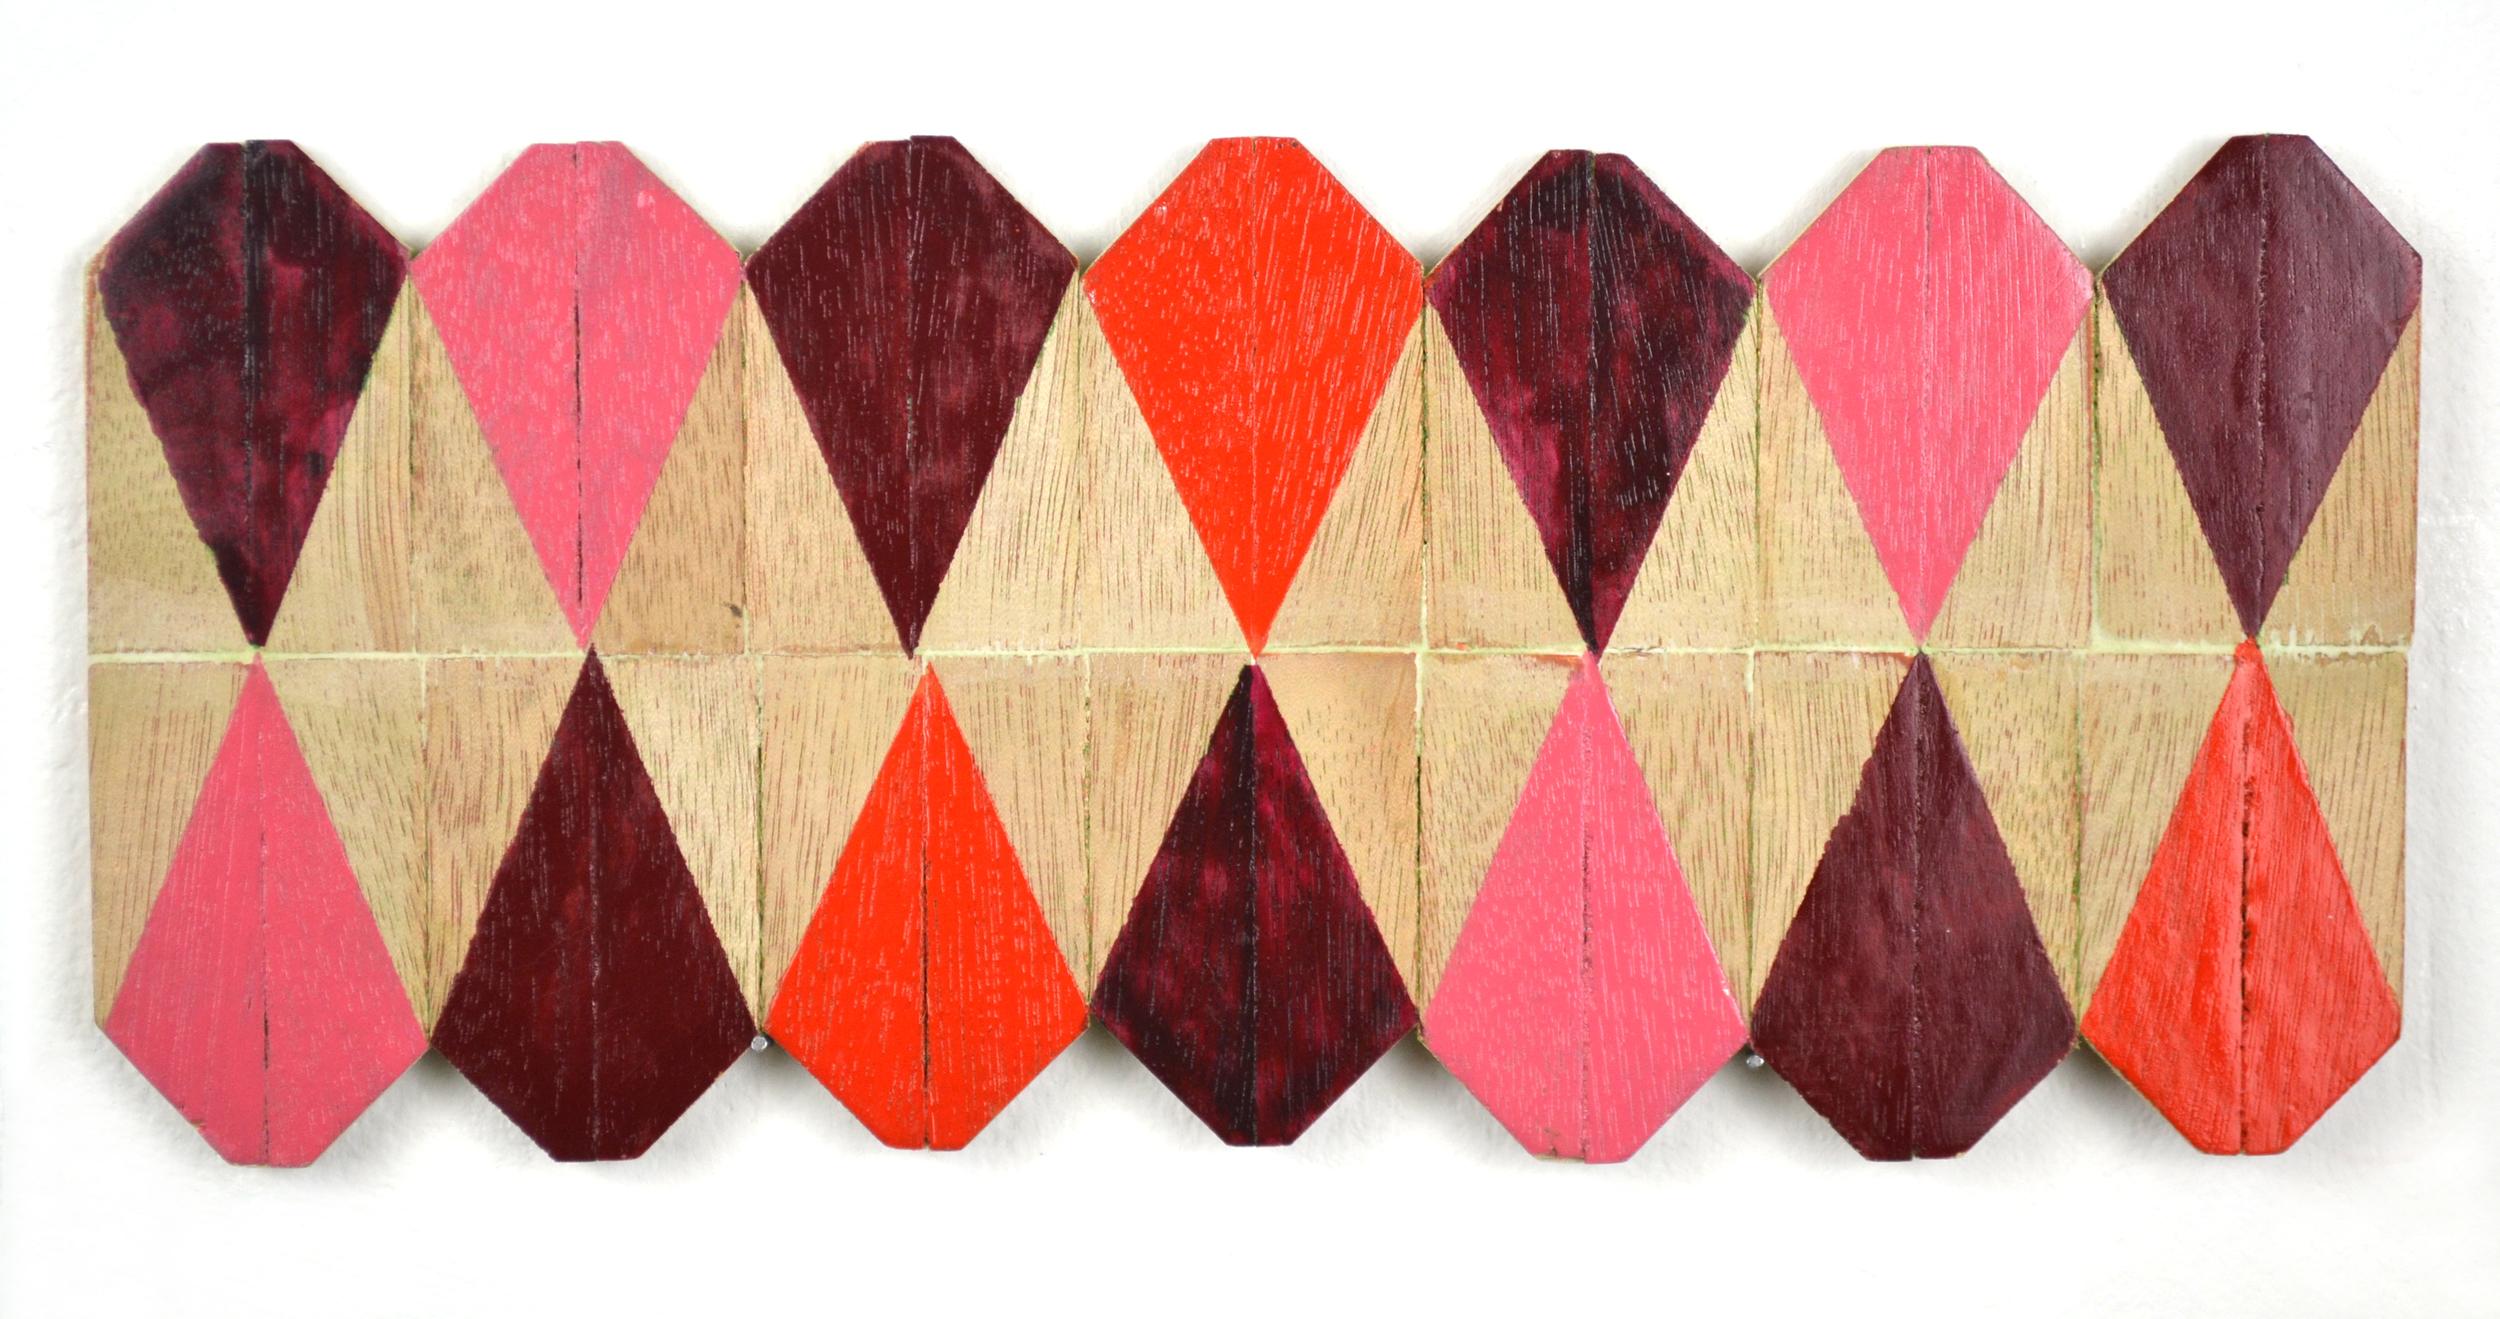 BOELE-KEIMER Pink Wedges 2014.jpg